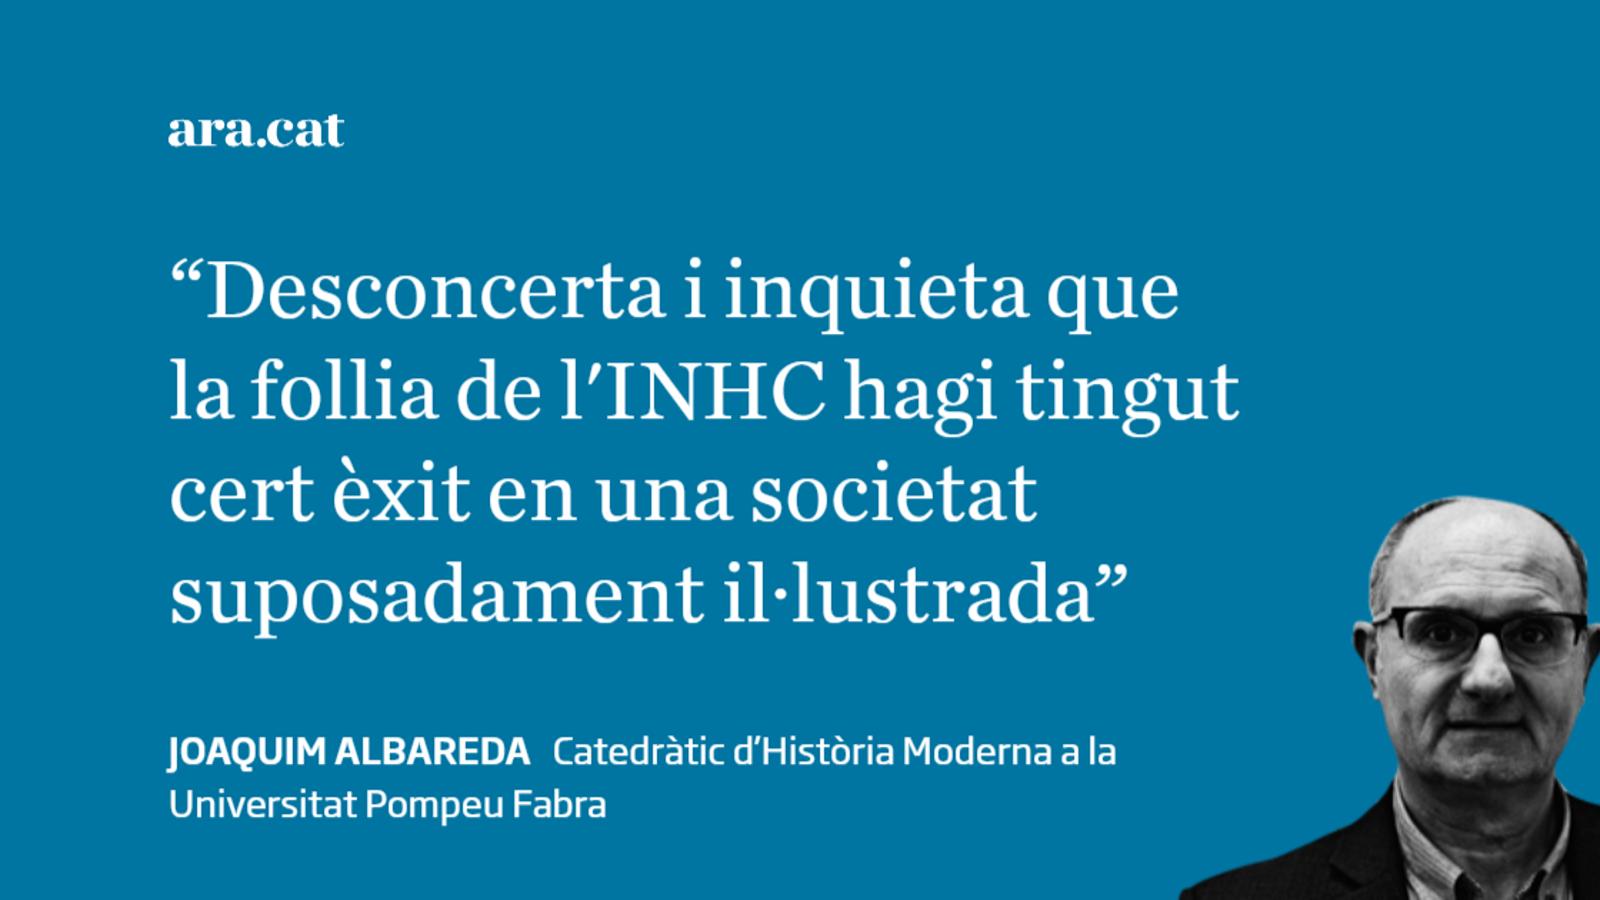 L'Institut Nova Història de Catalunya: fàbrica de 'fake news'